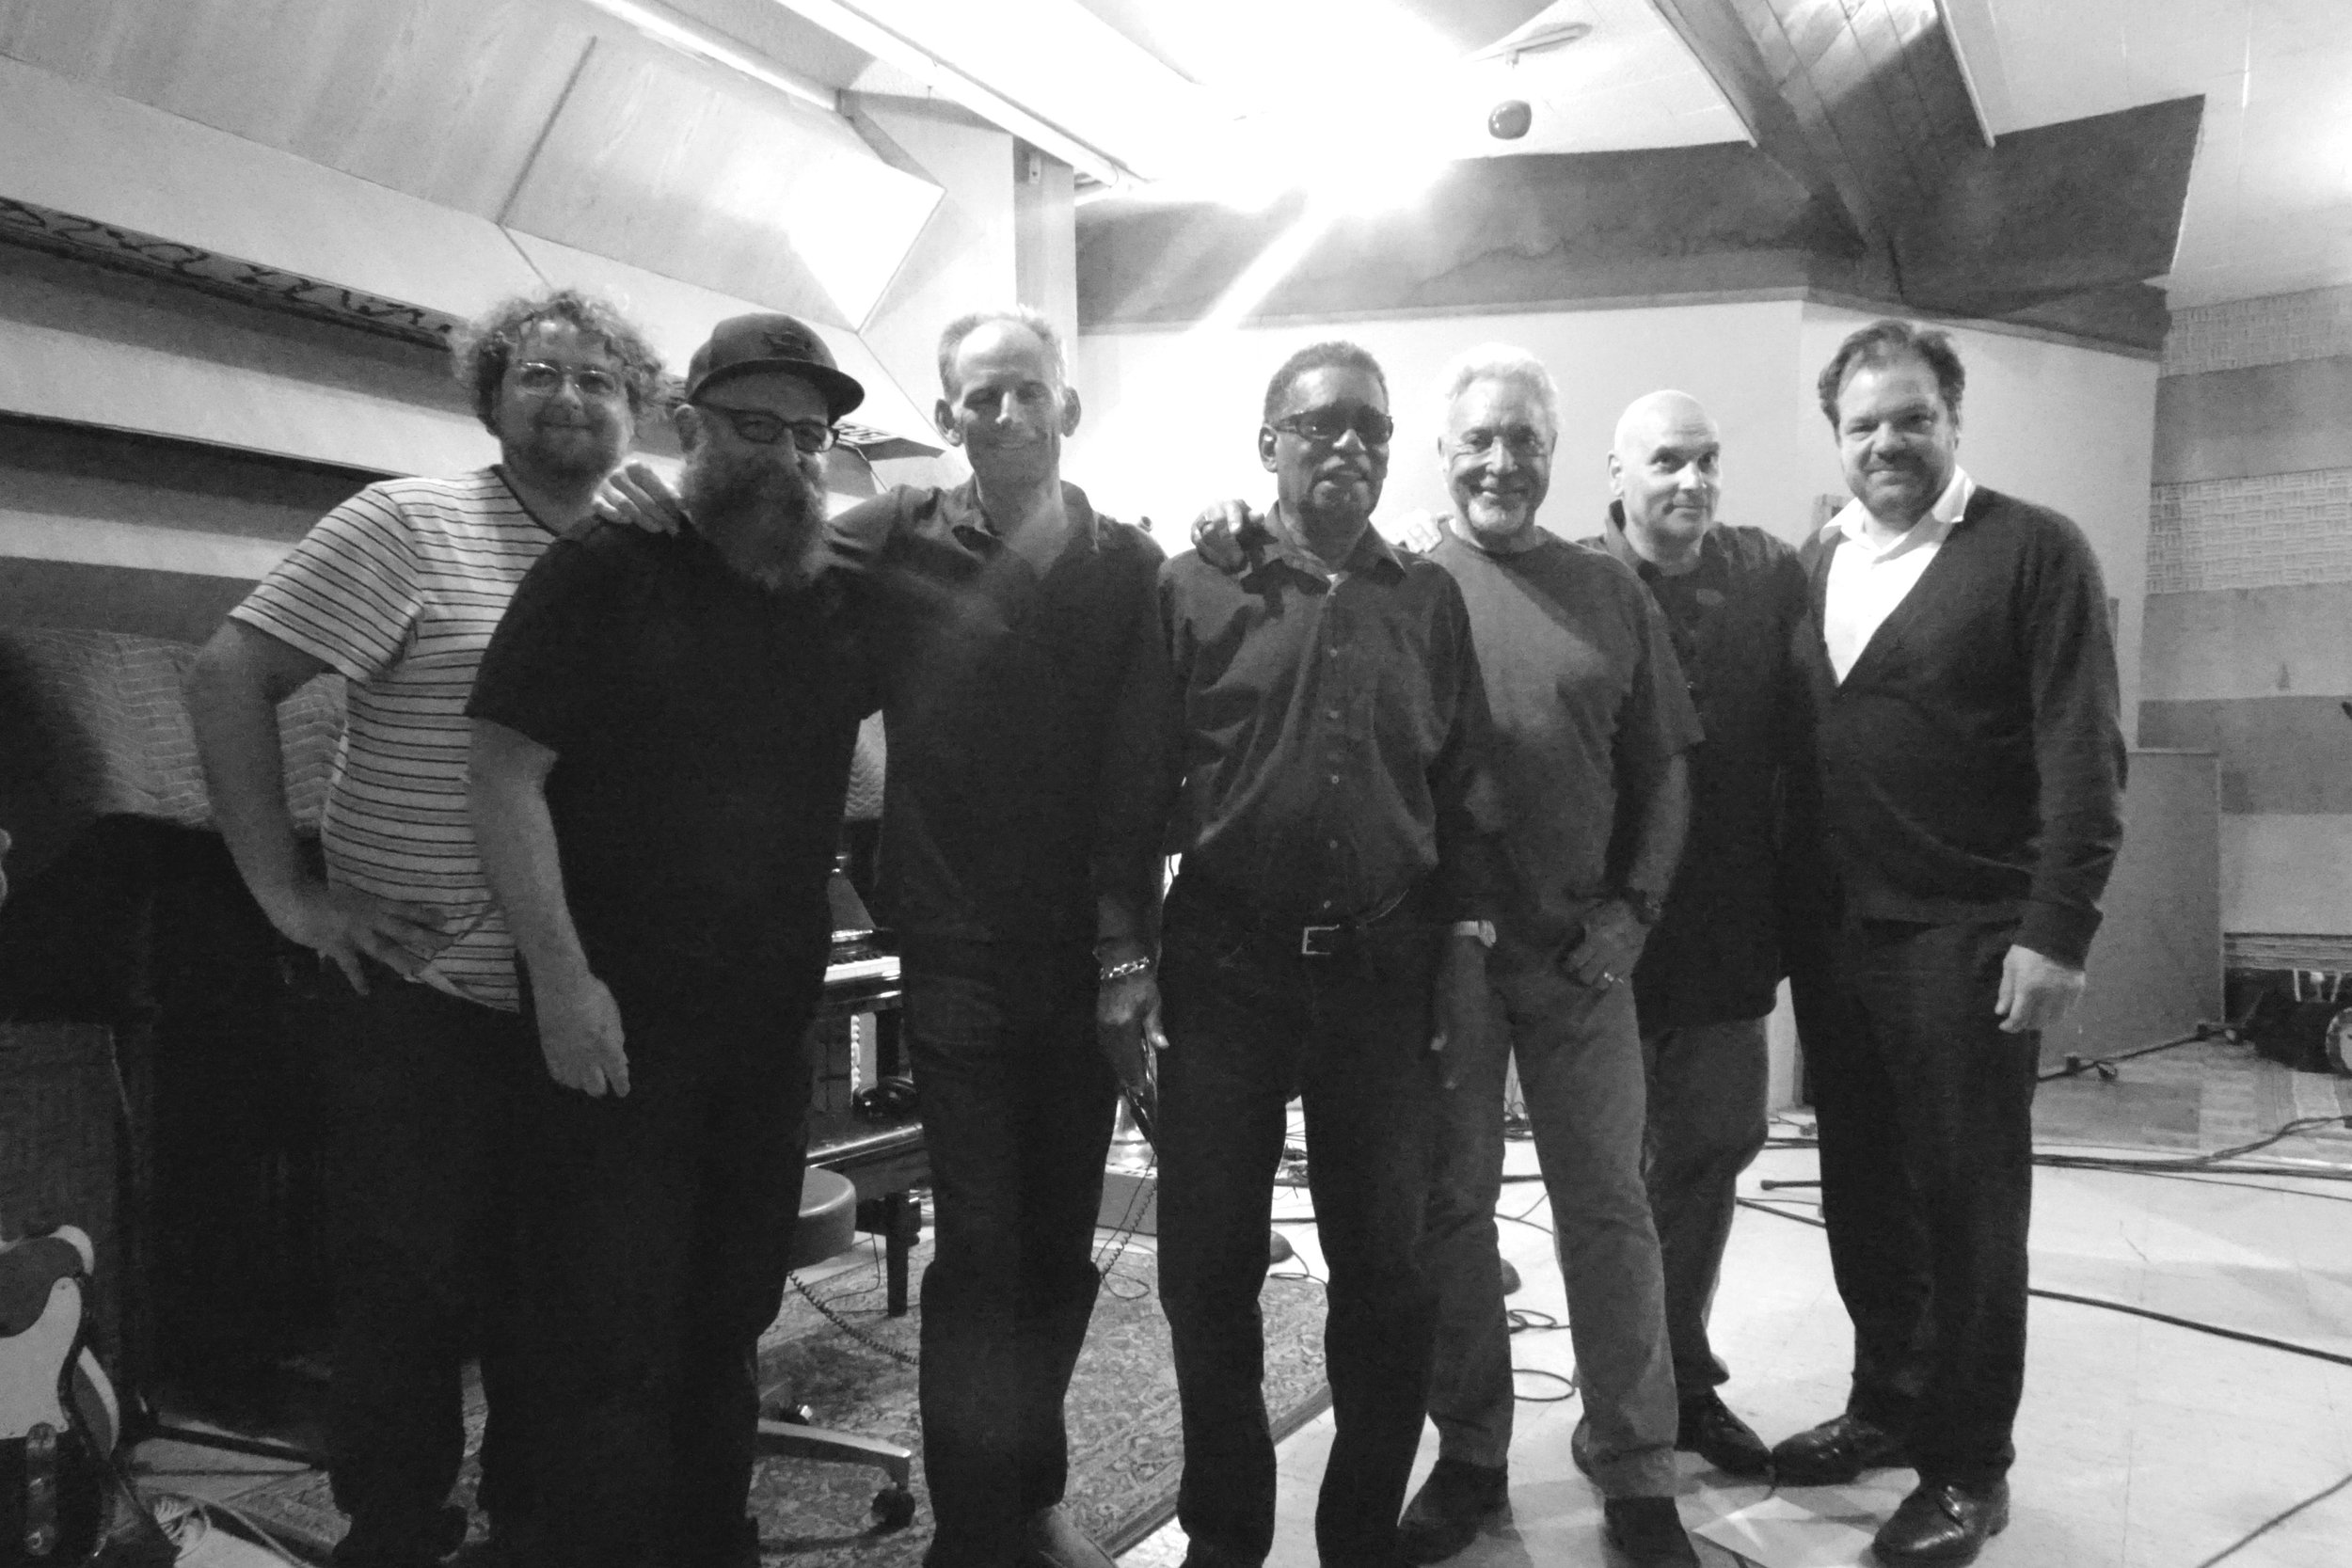 Clay Blair, Larry Taylor, Rick Holmstrom, Rudy Copeland, Tom Jones, M. Giovino, Jay Bellerose; LA, CA